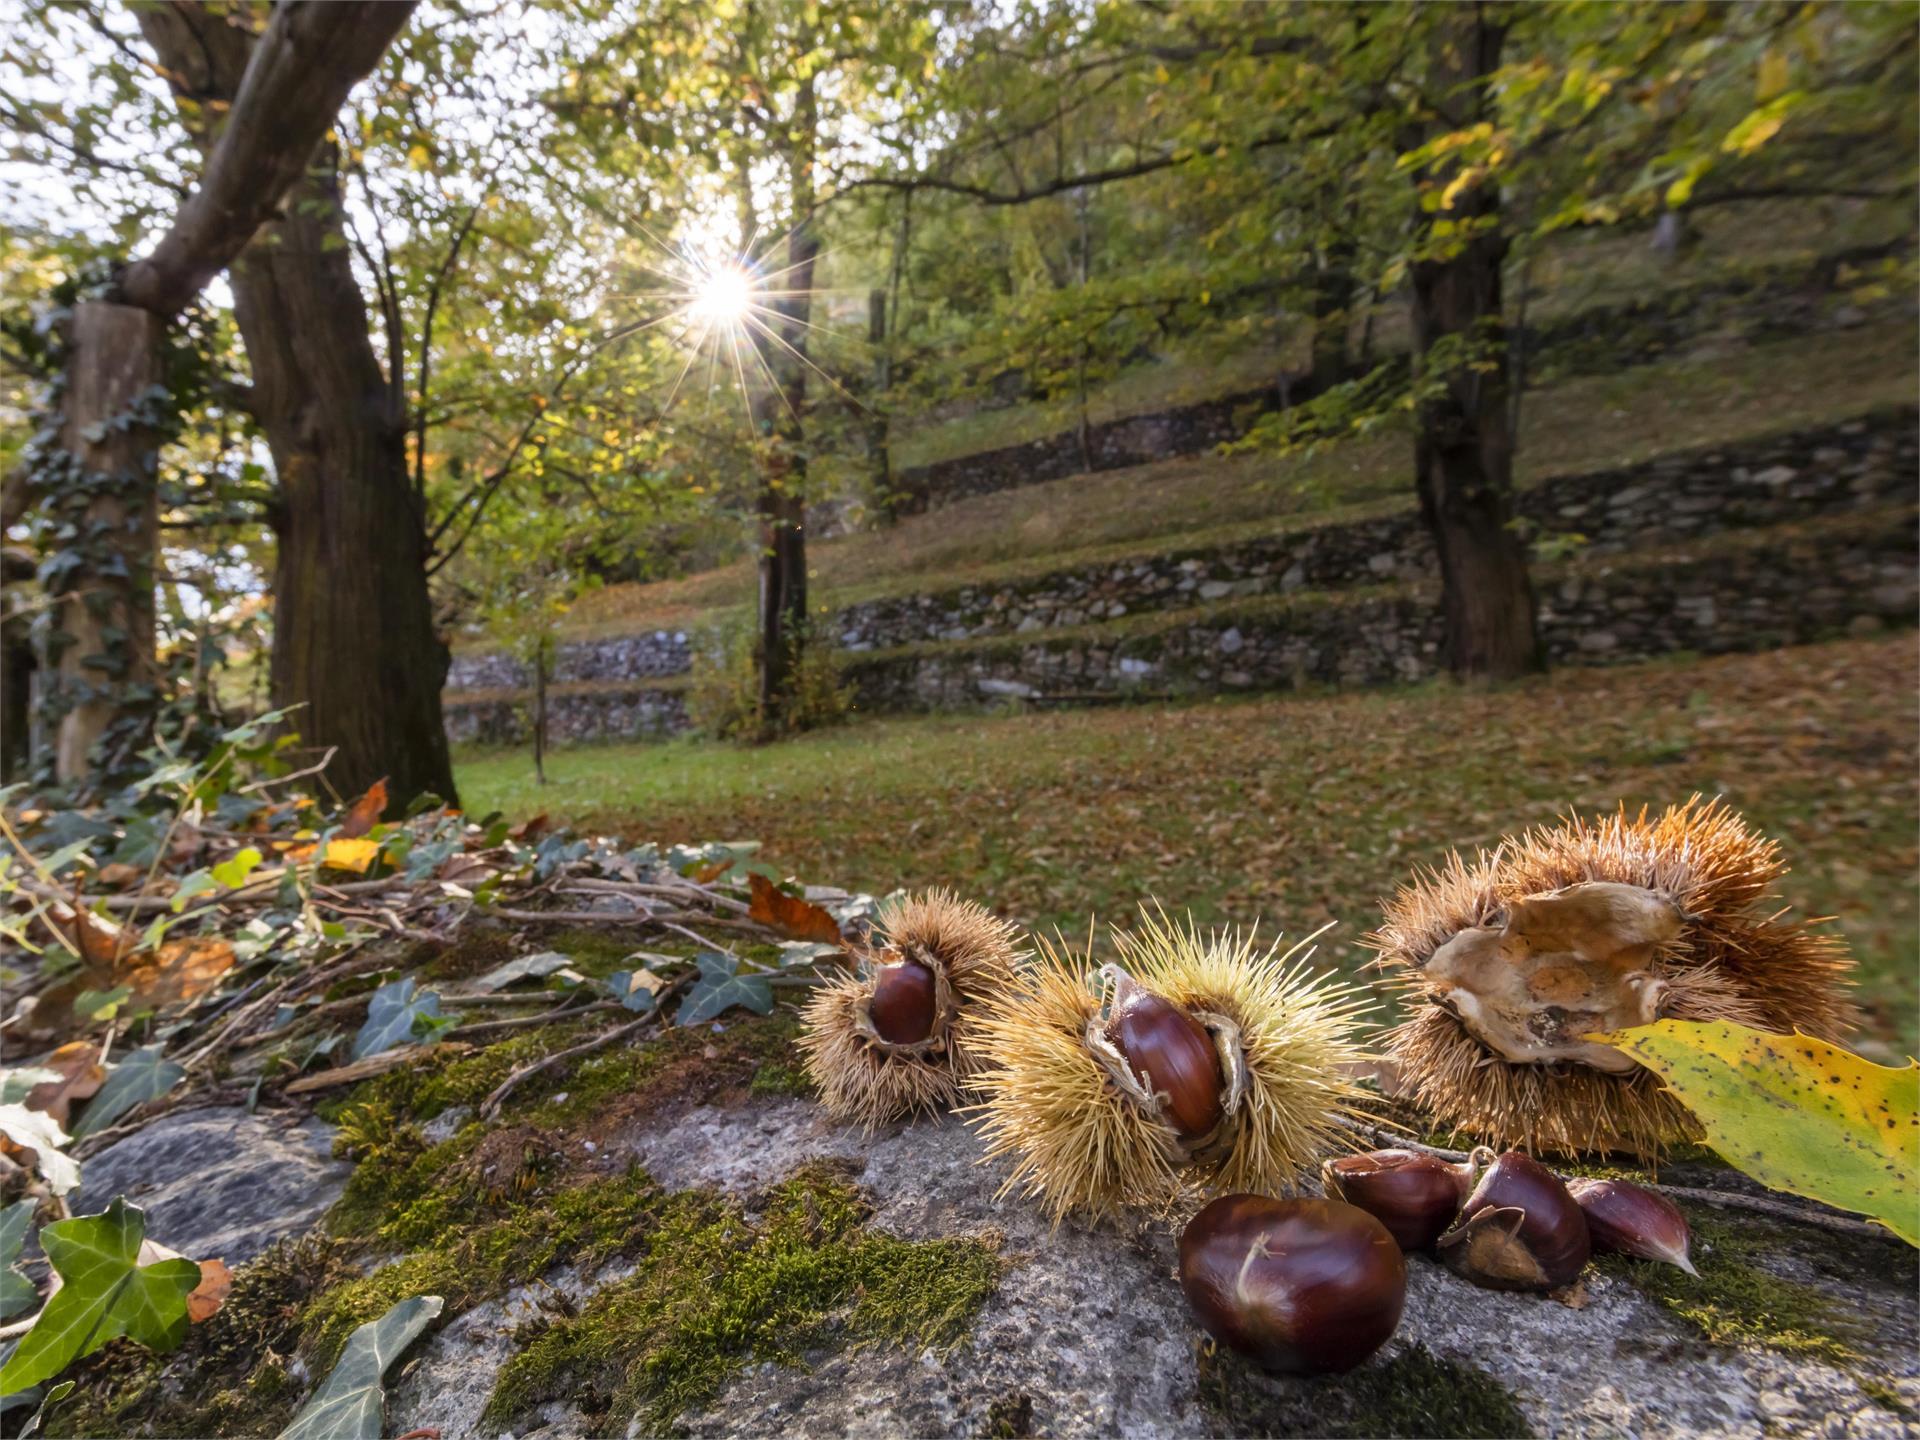 Escursione alla scoperta delle castagne